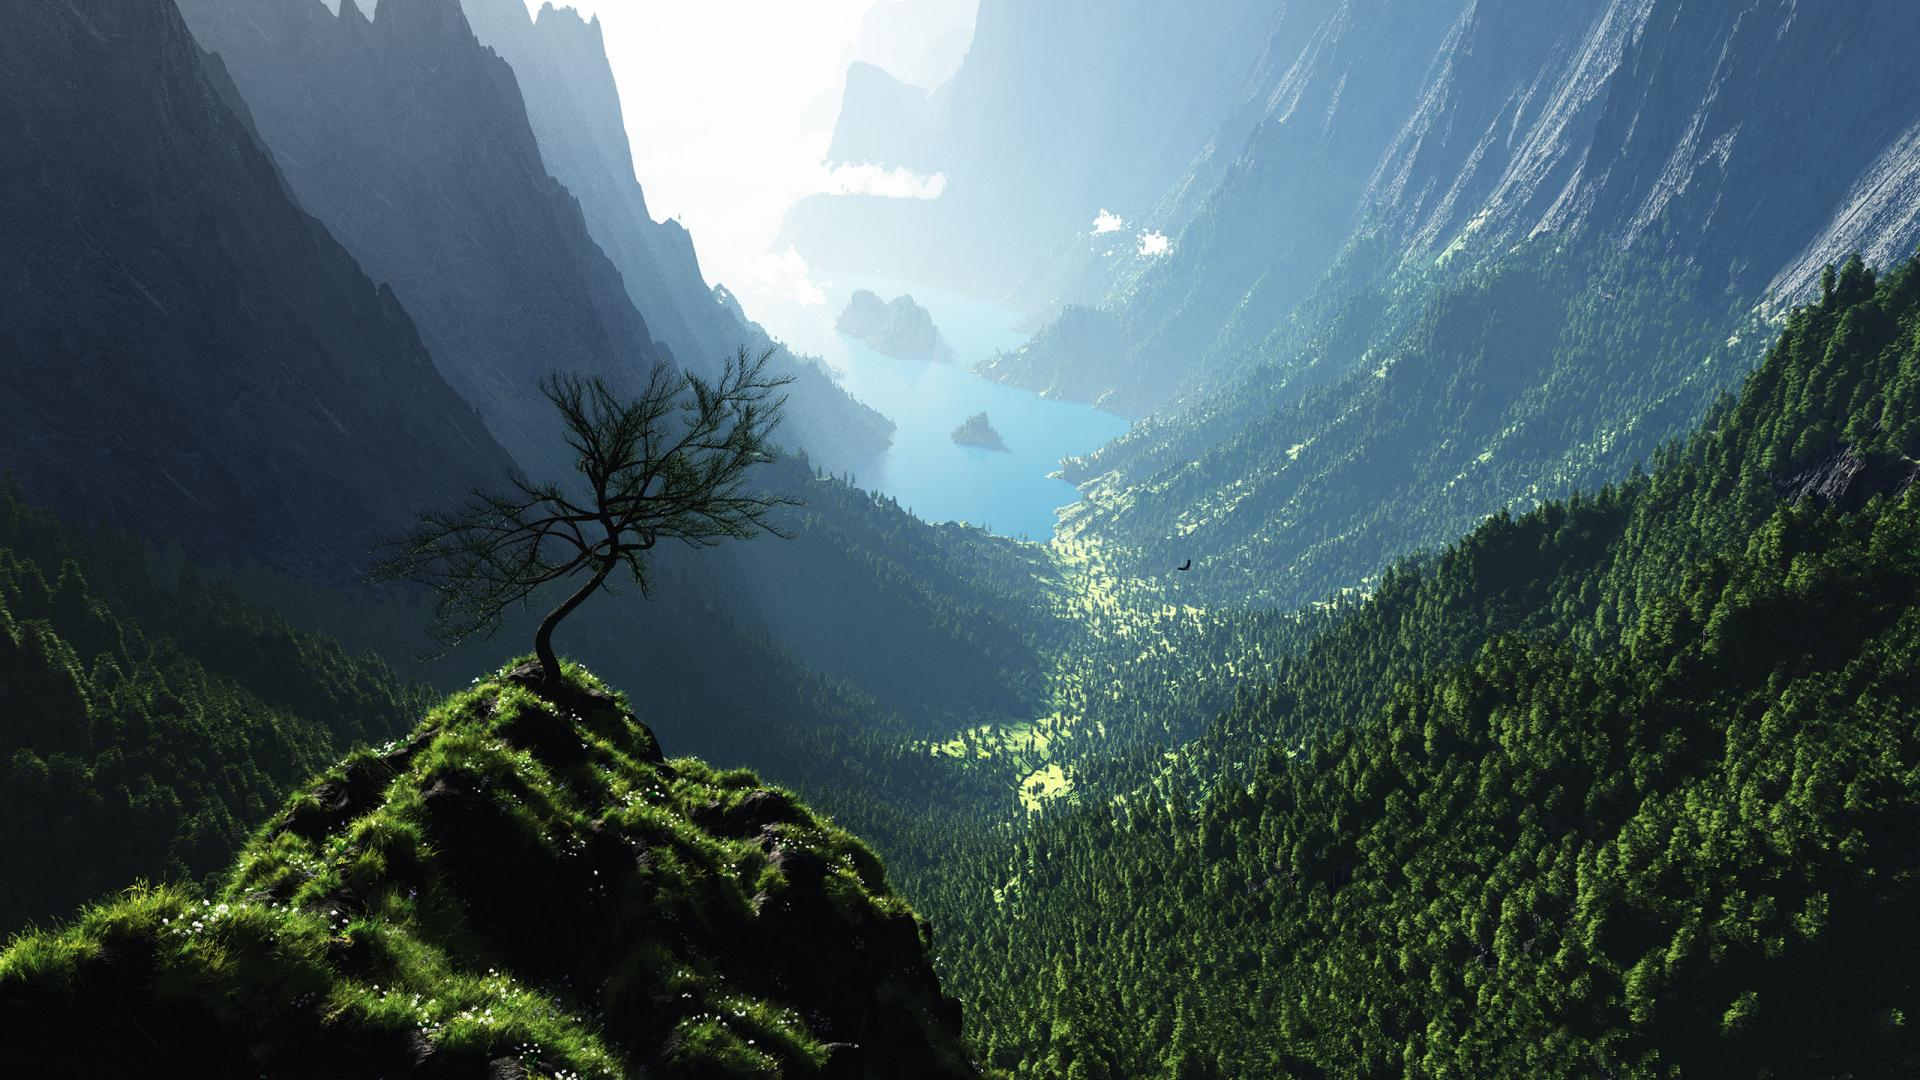 природа горы деревья река смотреть